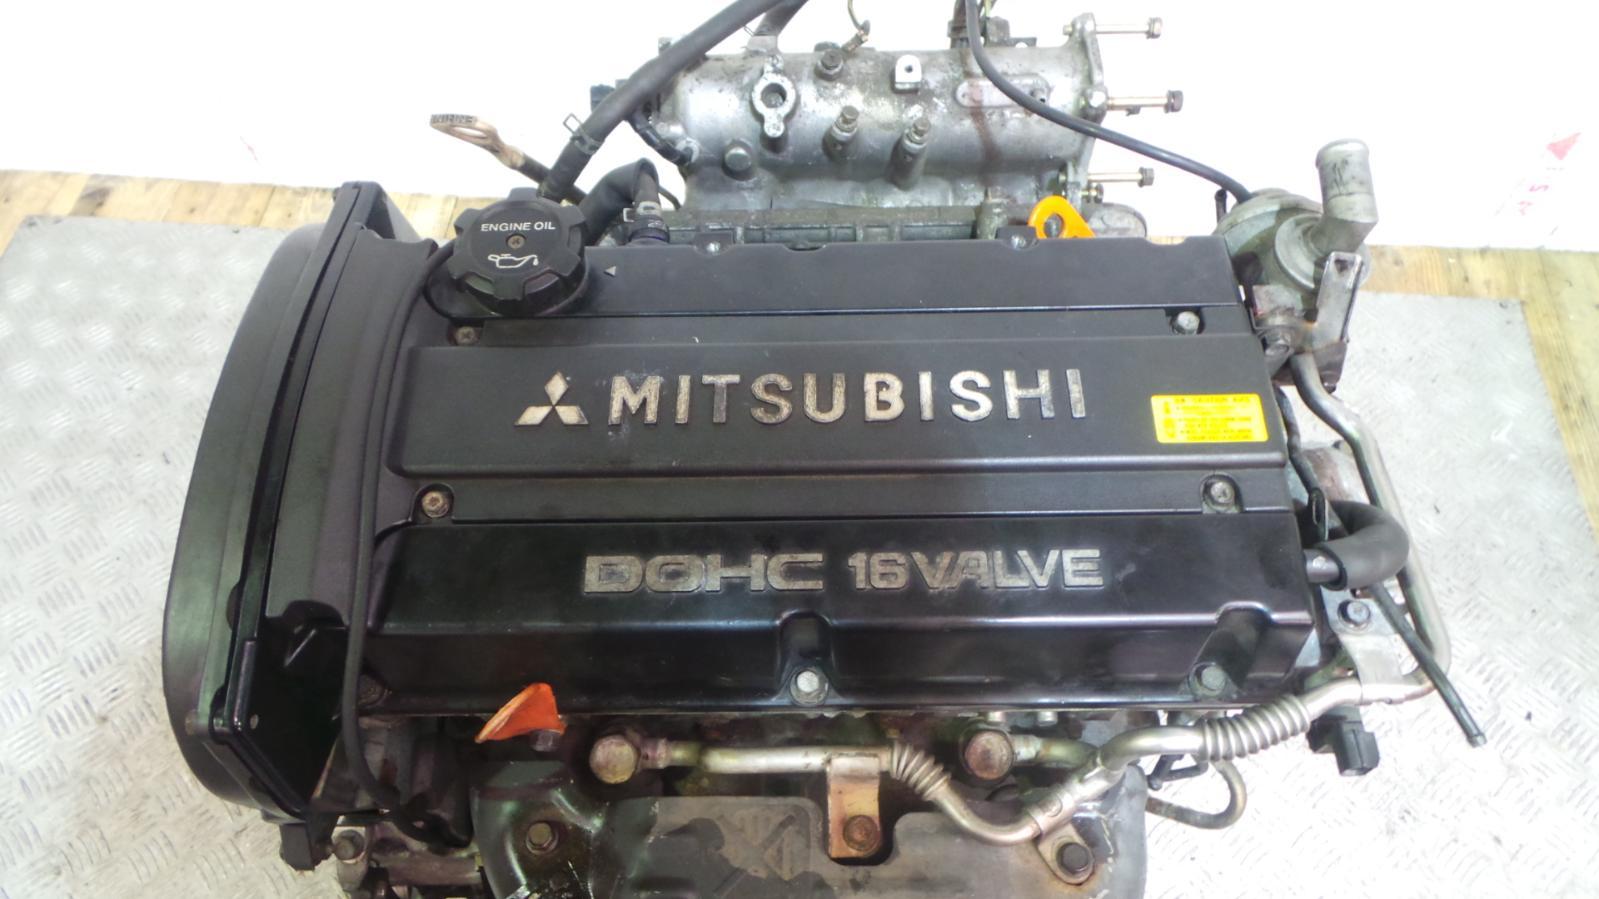 [Repair 2002 Mitsubishi Lancer Evolution Engines] - Repair ...